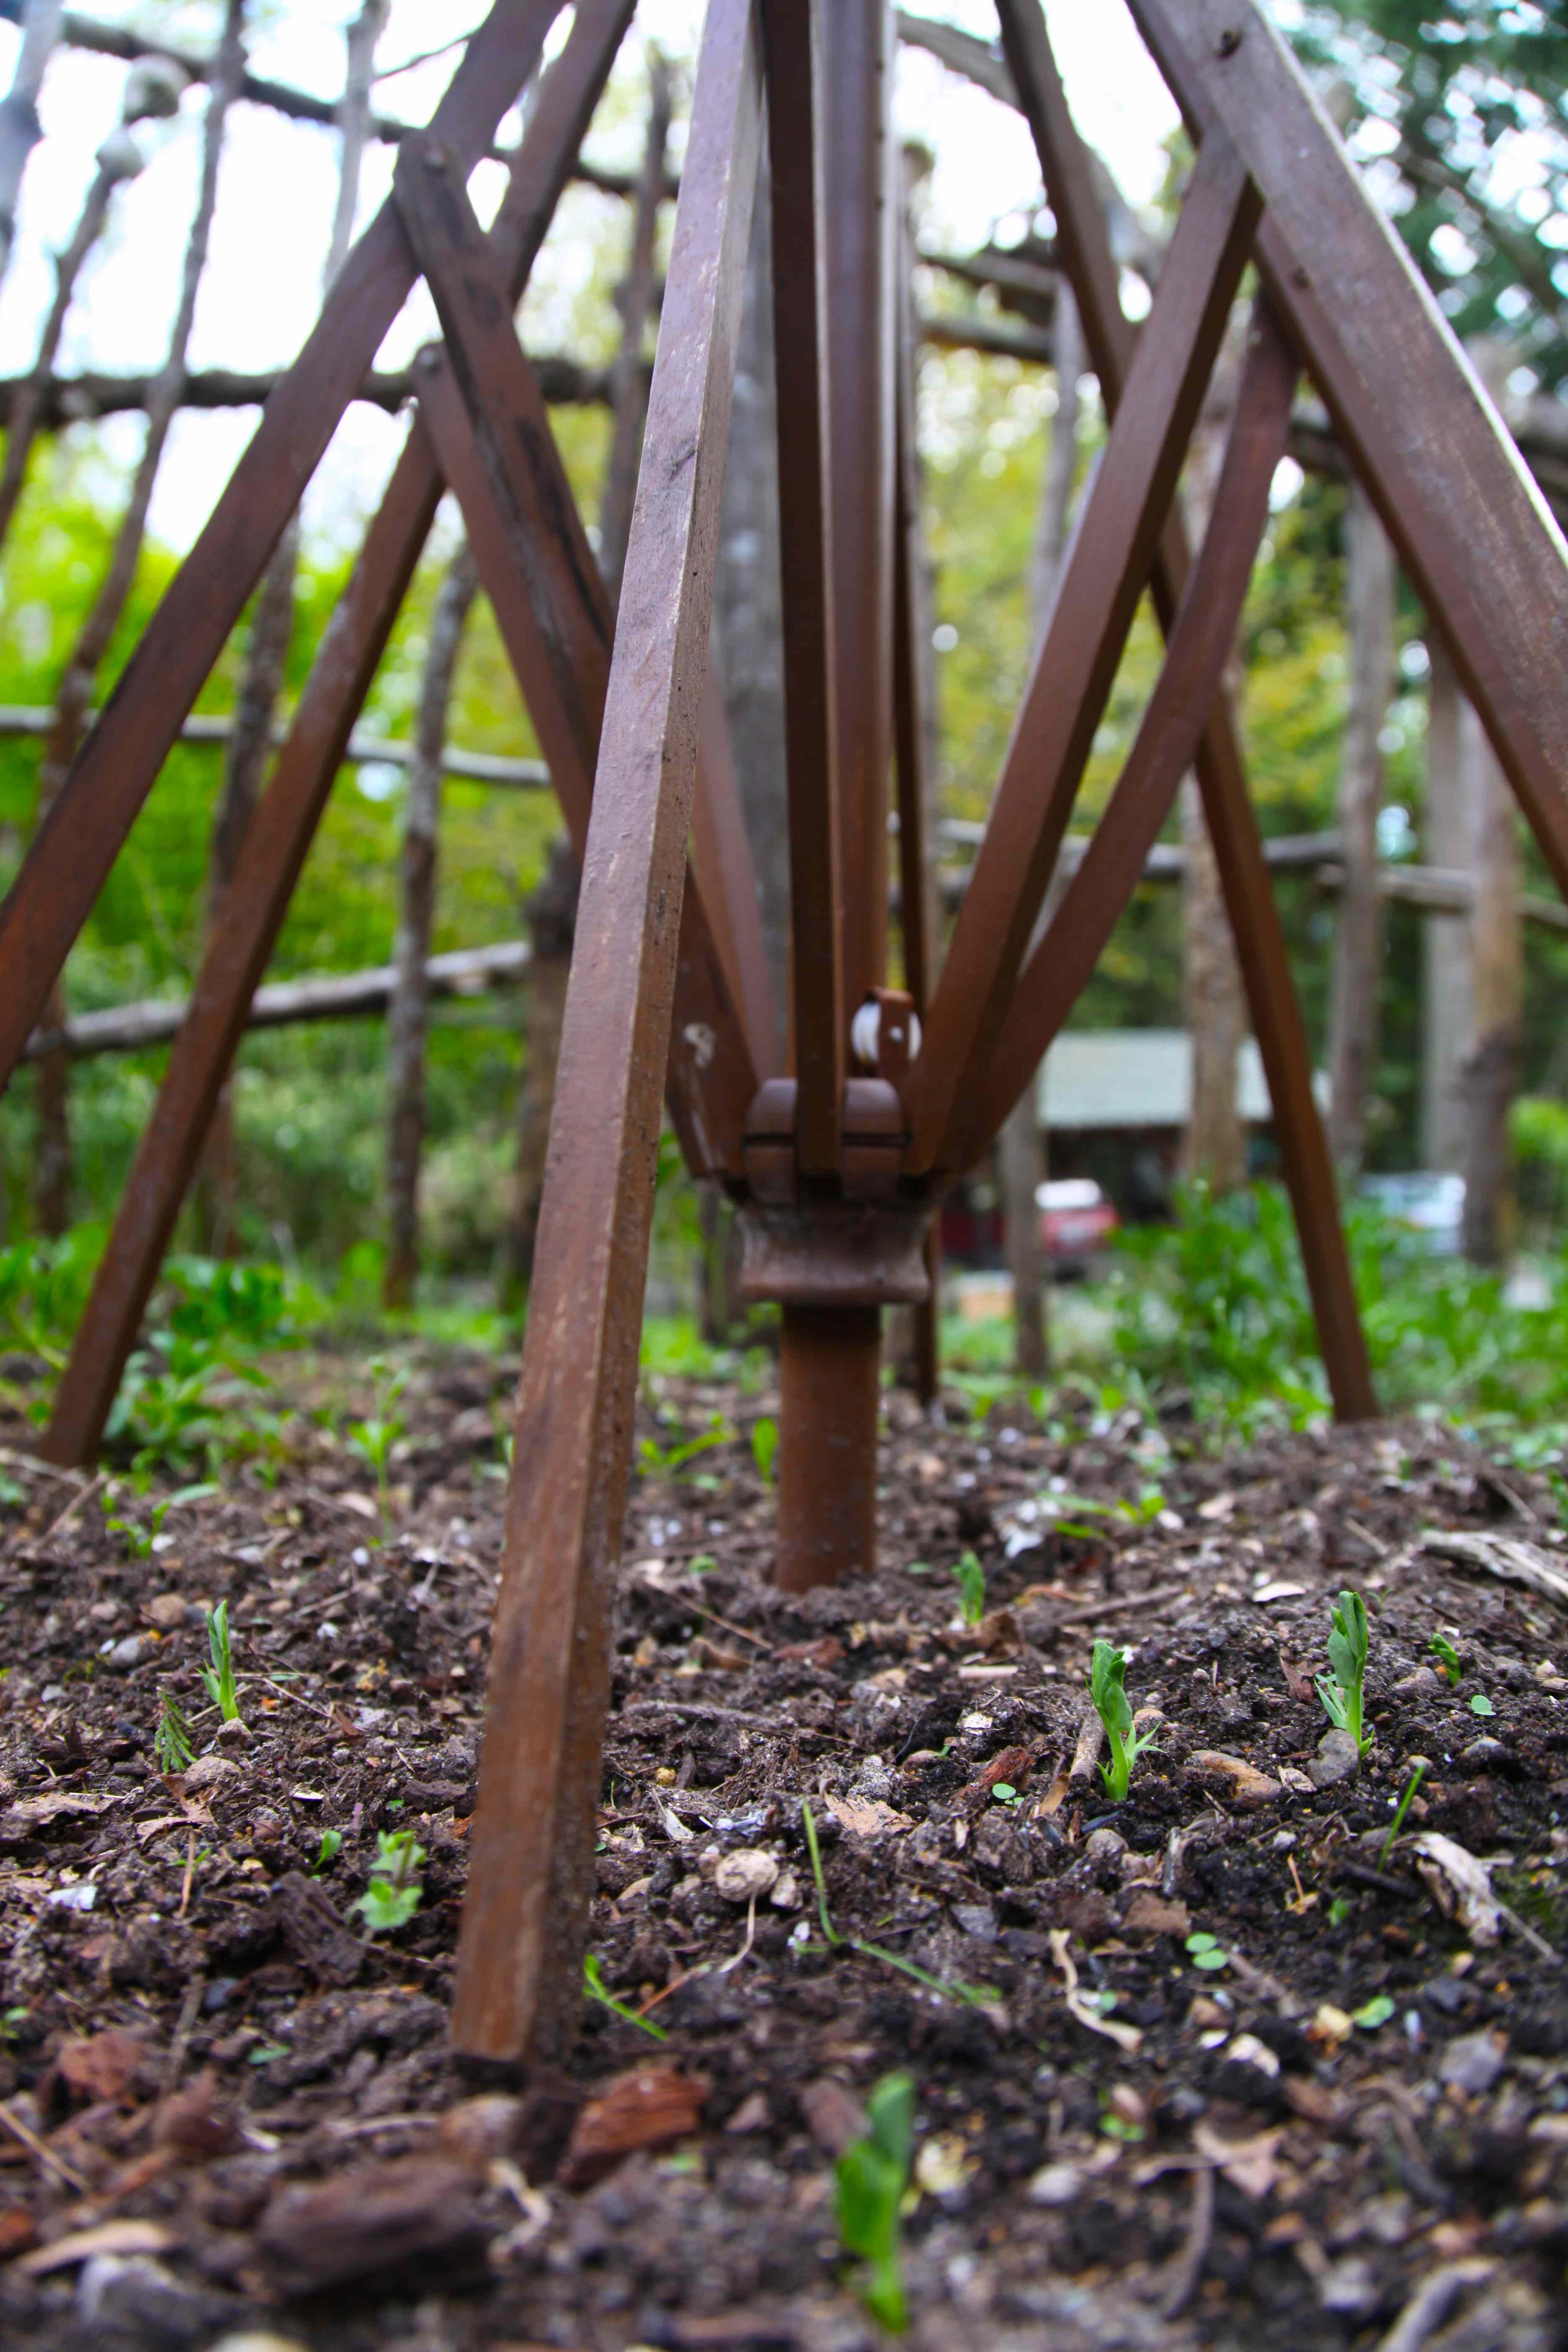 Patio umbrella pea trellis pioneering the simple life for Deck trellis